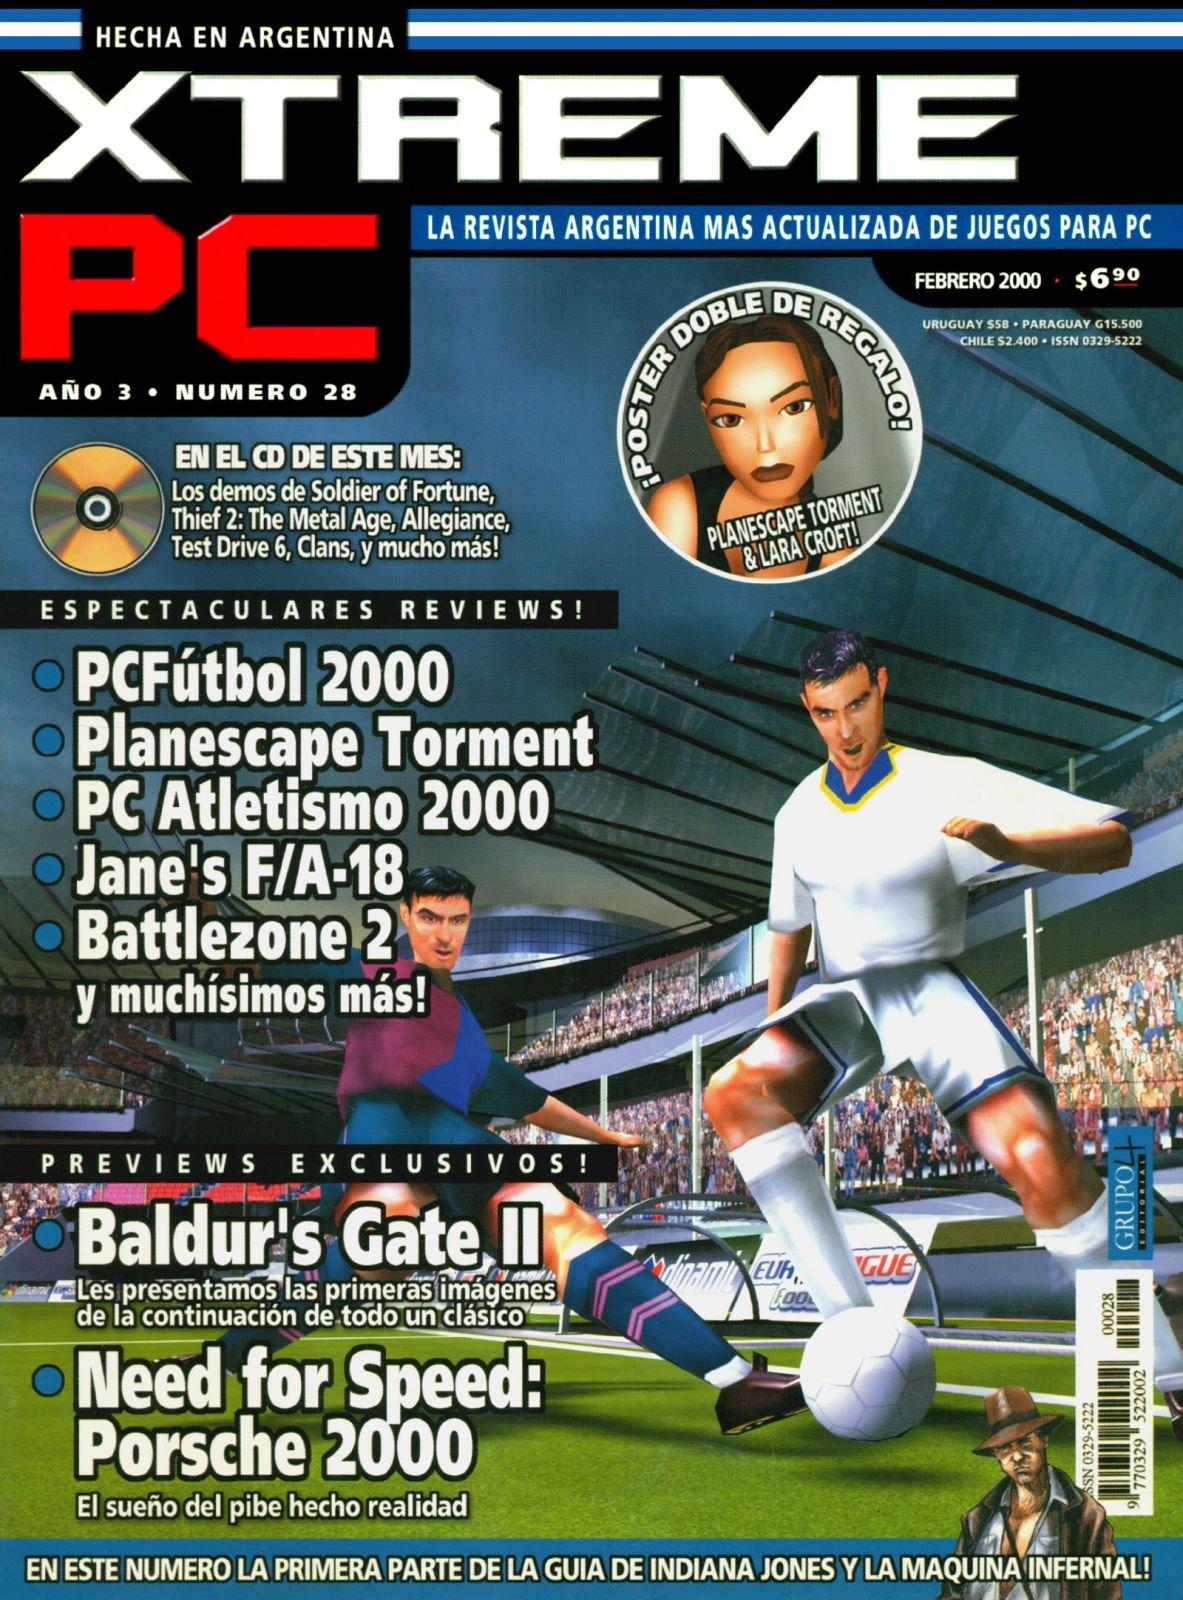 Xtreme PC 28 February 2000